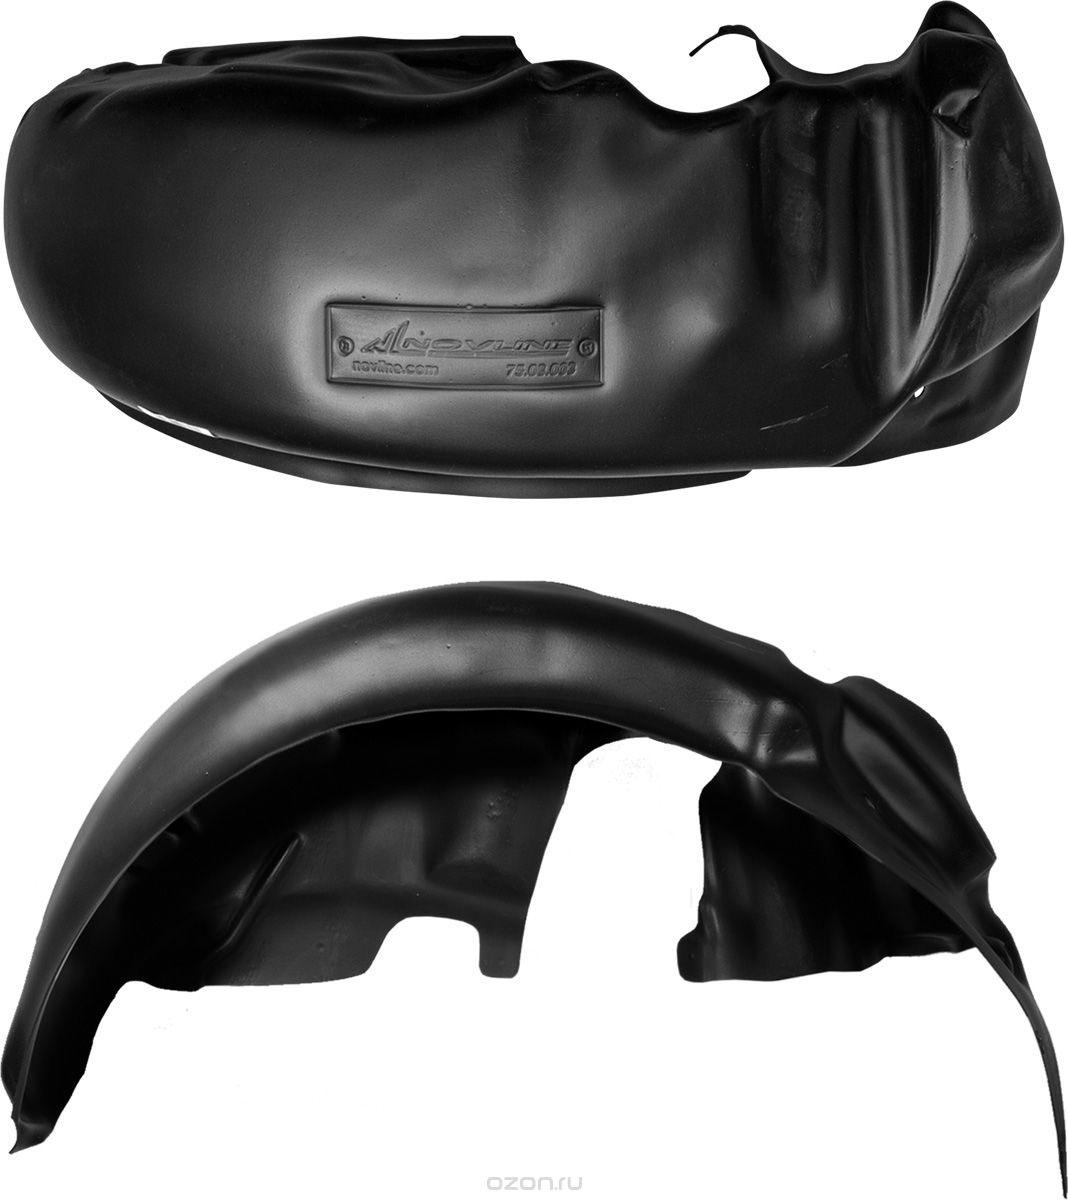 Подкрылок Novline-Autofamily, для PEUGEOT Boxer 08/2014->, без расширителей арок, передний левыйNLL.38.20.001Идеальная защита колесной ниши. Локеры разработаны с применением цифровых технологий, гарантируют максимальную повторяемость поверхности арки. Изделия устанавливаются без нарушения лакокрасочного покрытия автомобиля, каждый подкрылок комплектуется крепежом. Уважаемые клиенты, обращаем ваше внимание, что фотографии на подкрылки универсальные и не отражают реальную форму изделия. При этом само изделие идет точно под размер указанного автомобиля.